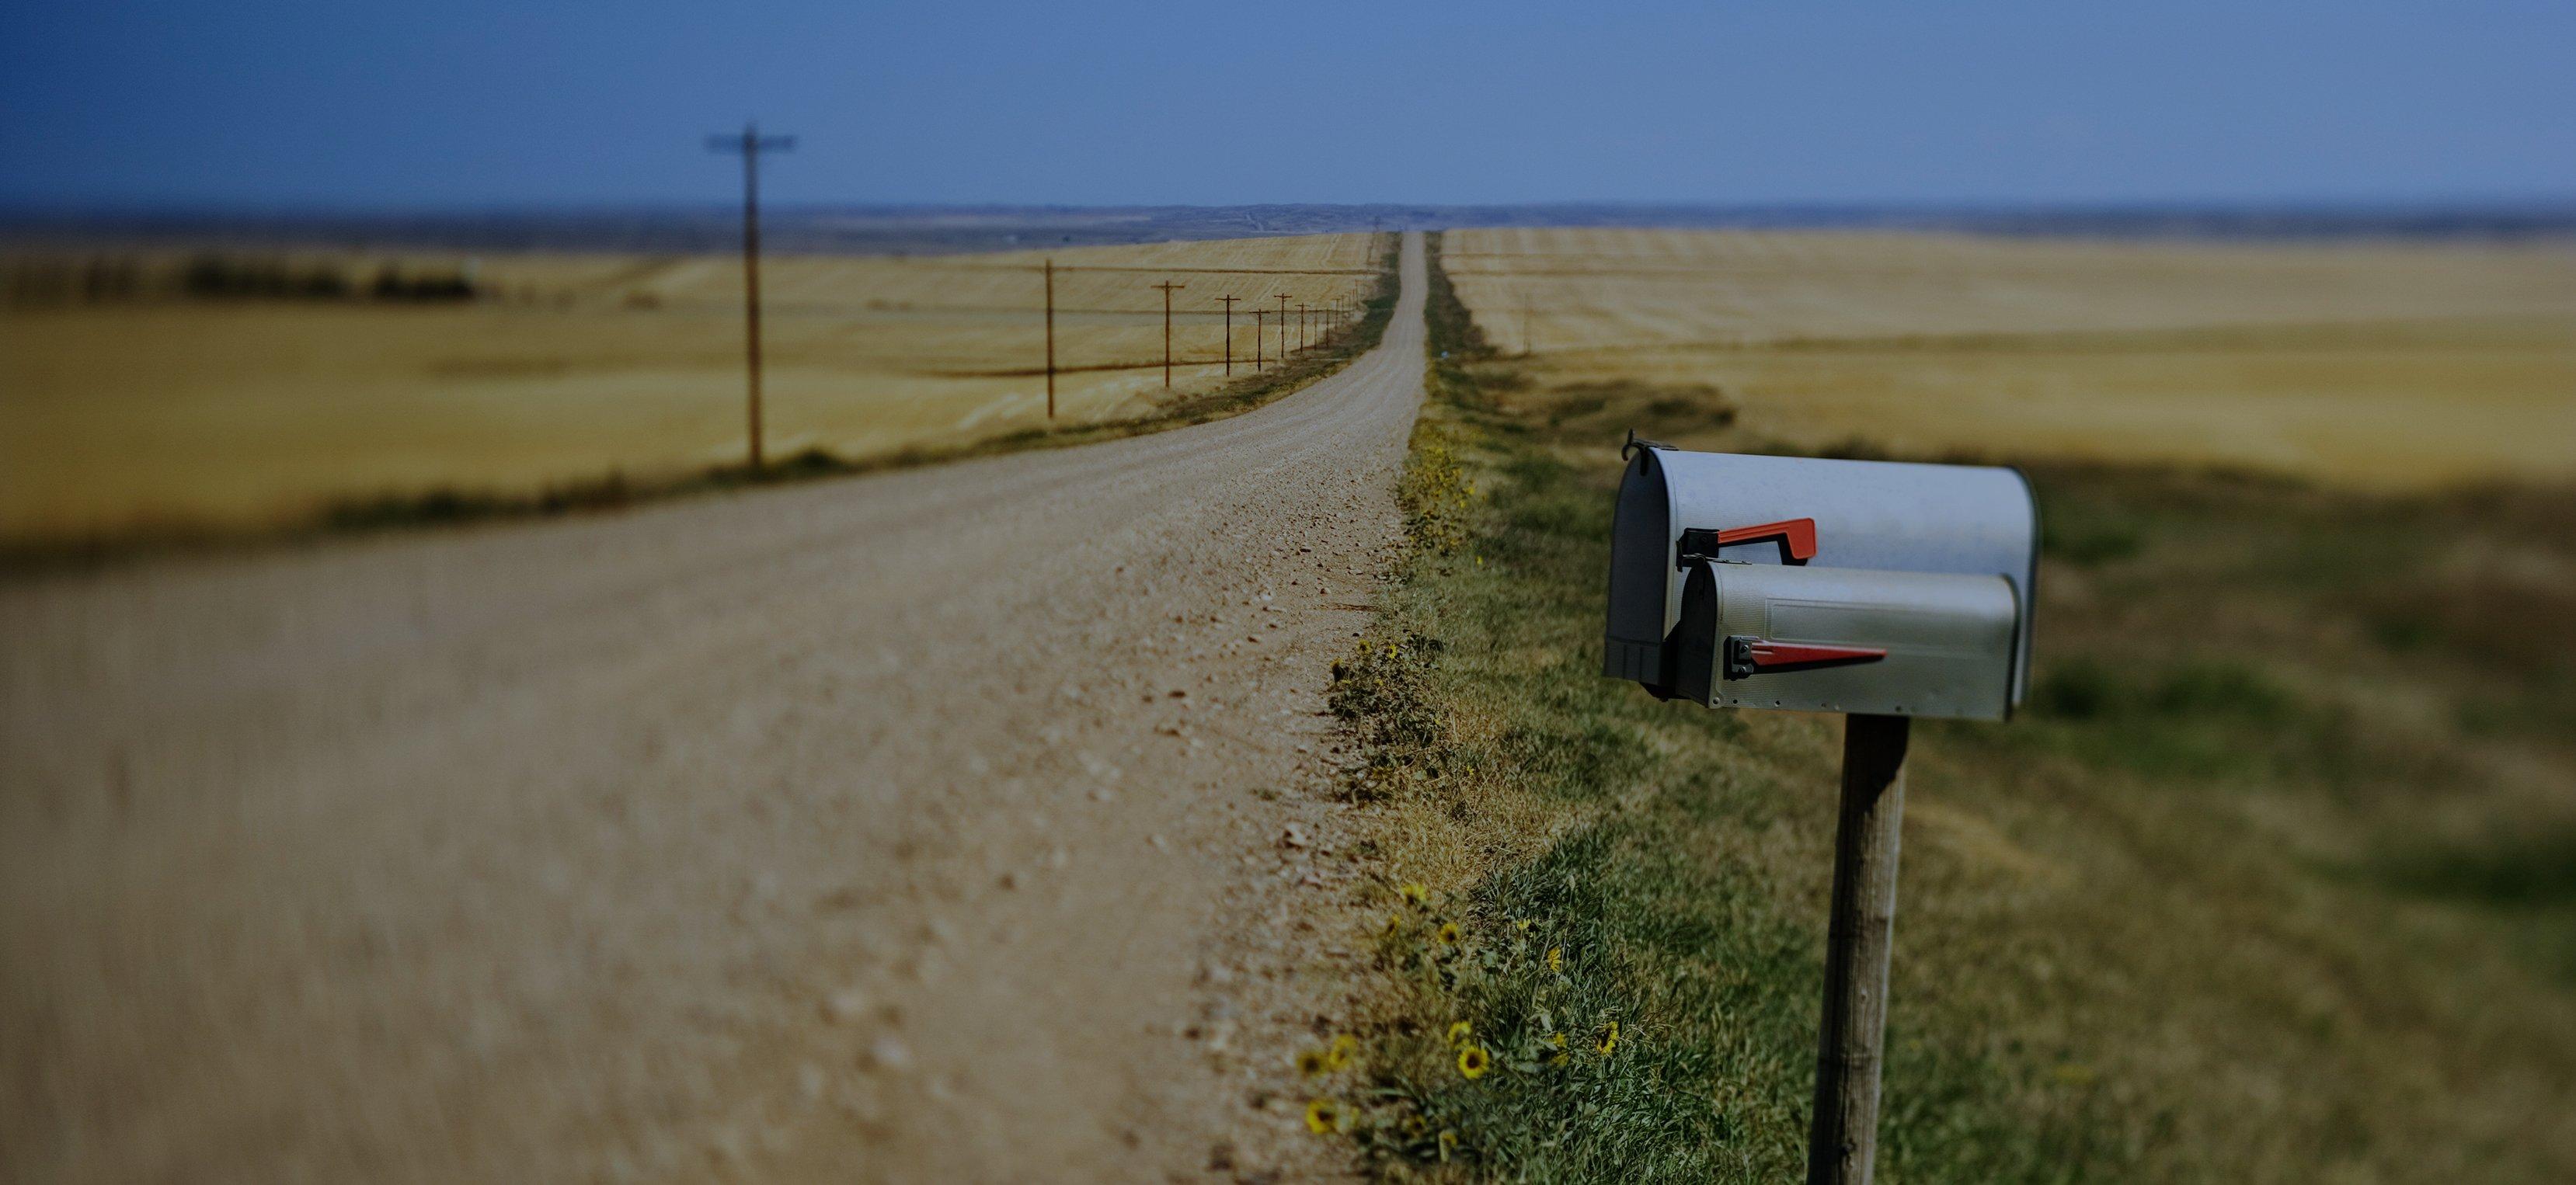 mailbox-news